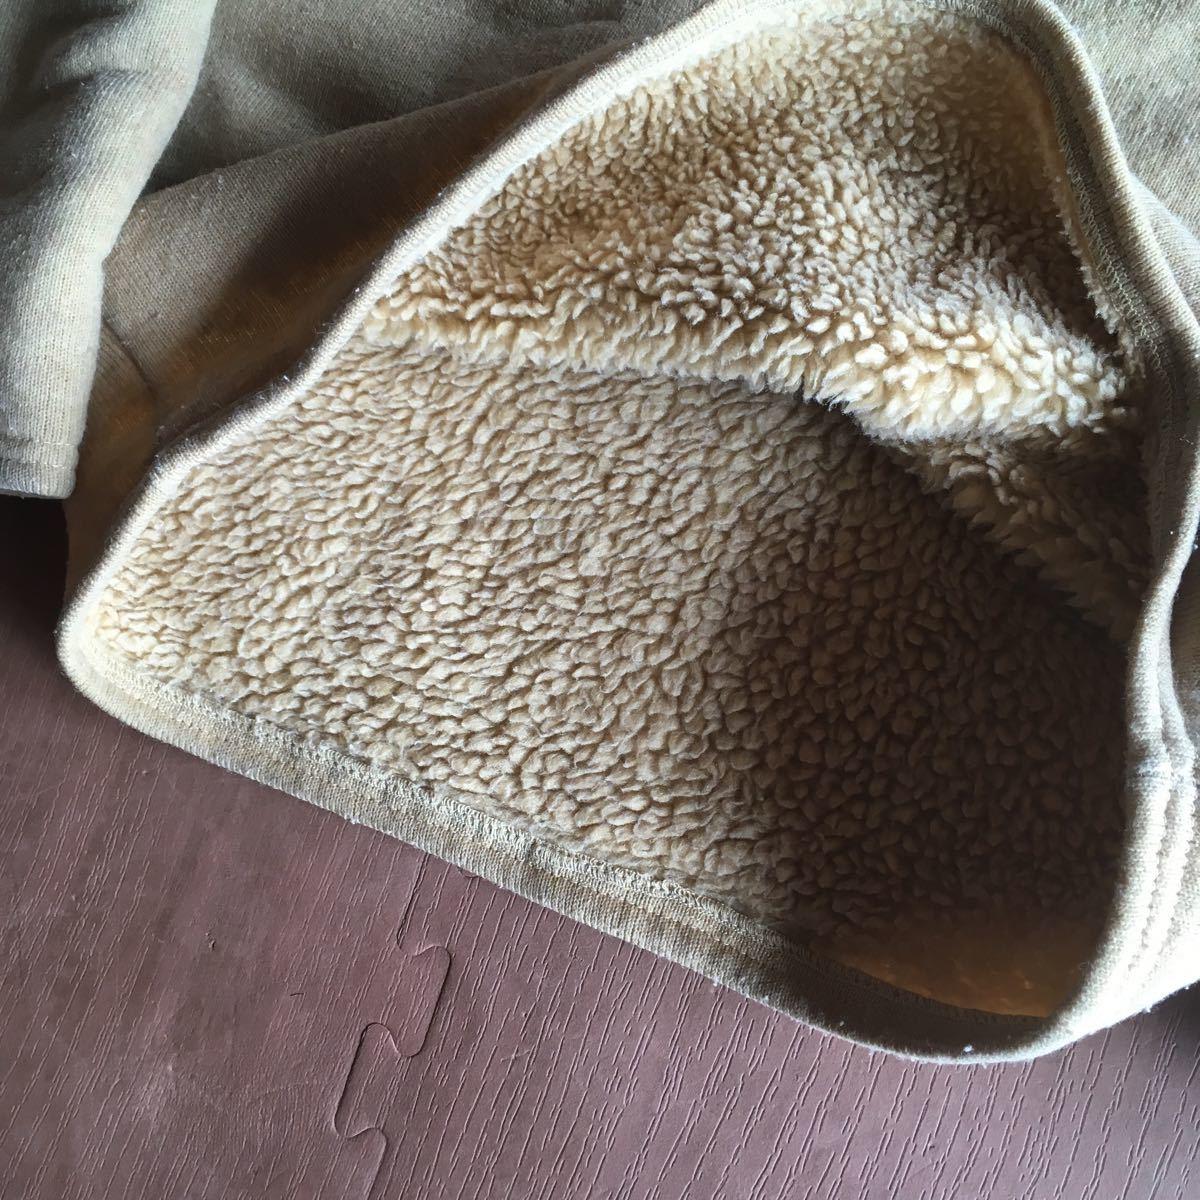 70s patagonia 白タグ パイル プルオーバー ジャケット ビンテージ オリジナル デカタグ vintage YKK / レトロ mars シュイナード サーフ_画像10